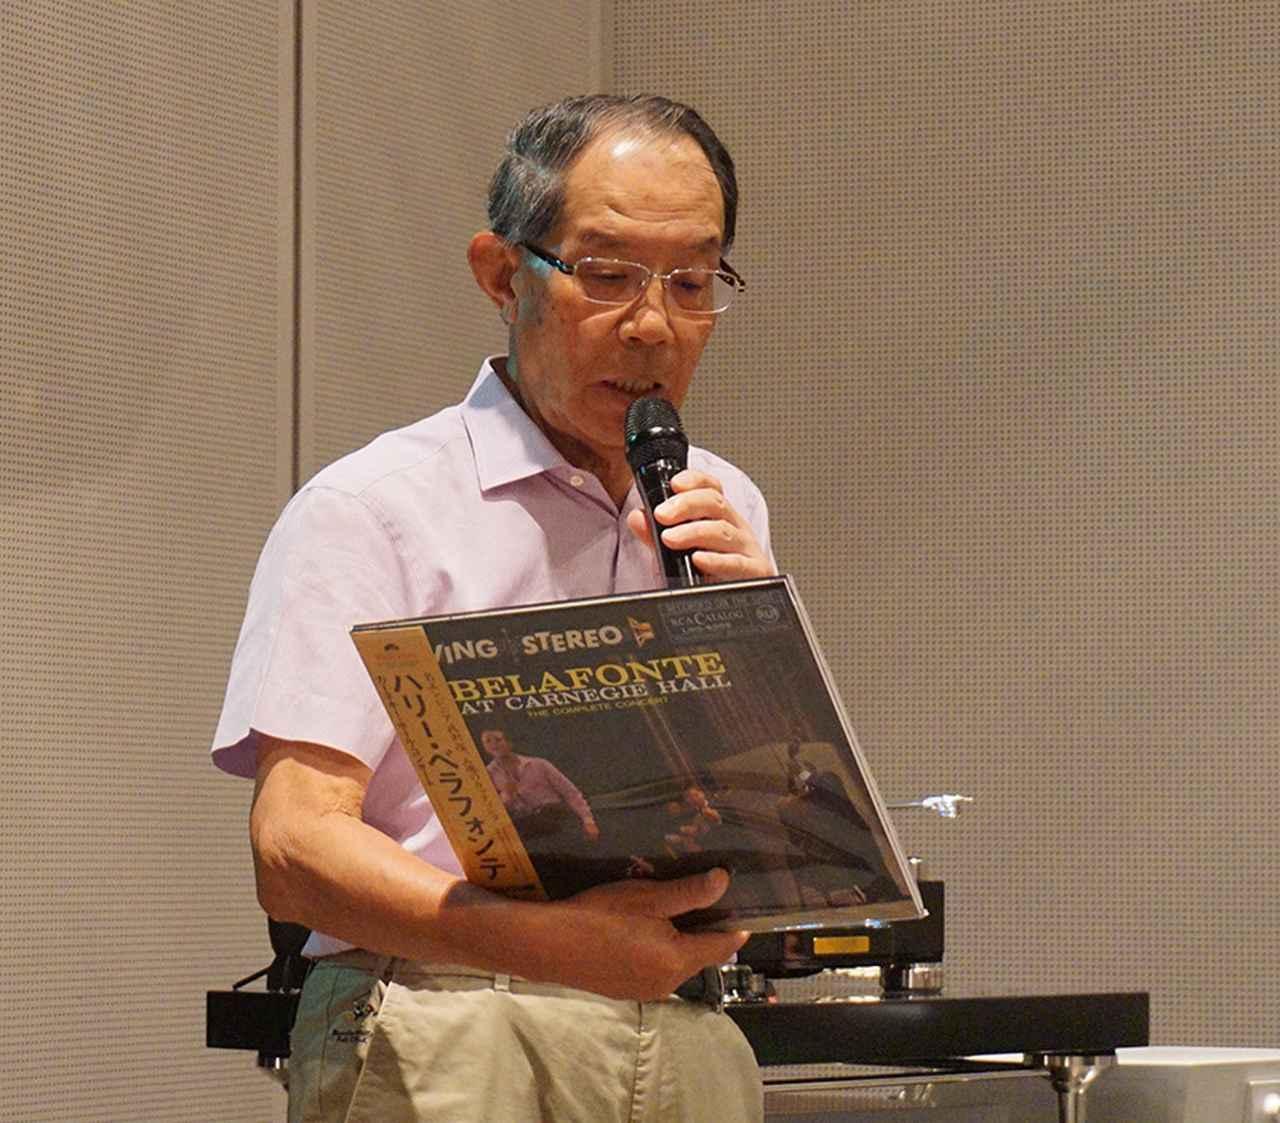 画像: 『ハリ・ベラフォンテ〜』のレコードをかける西川氏